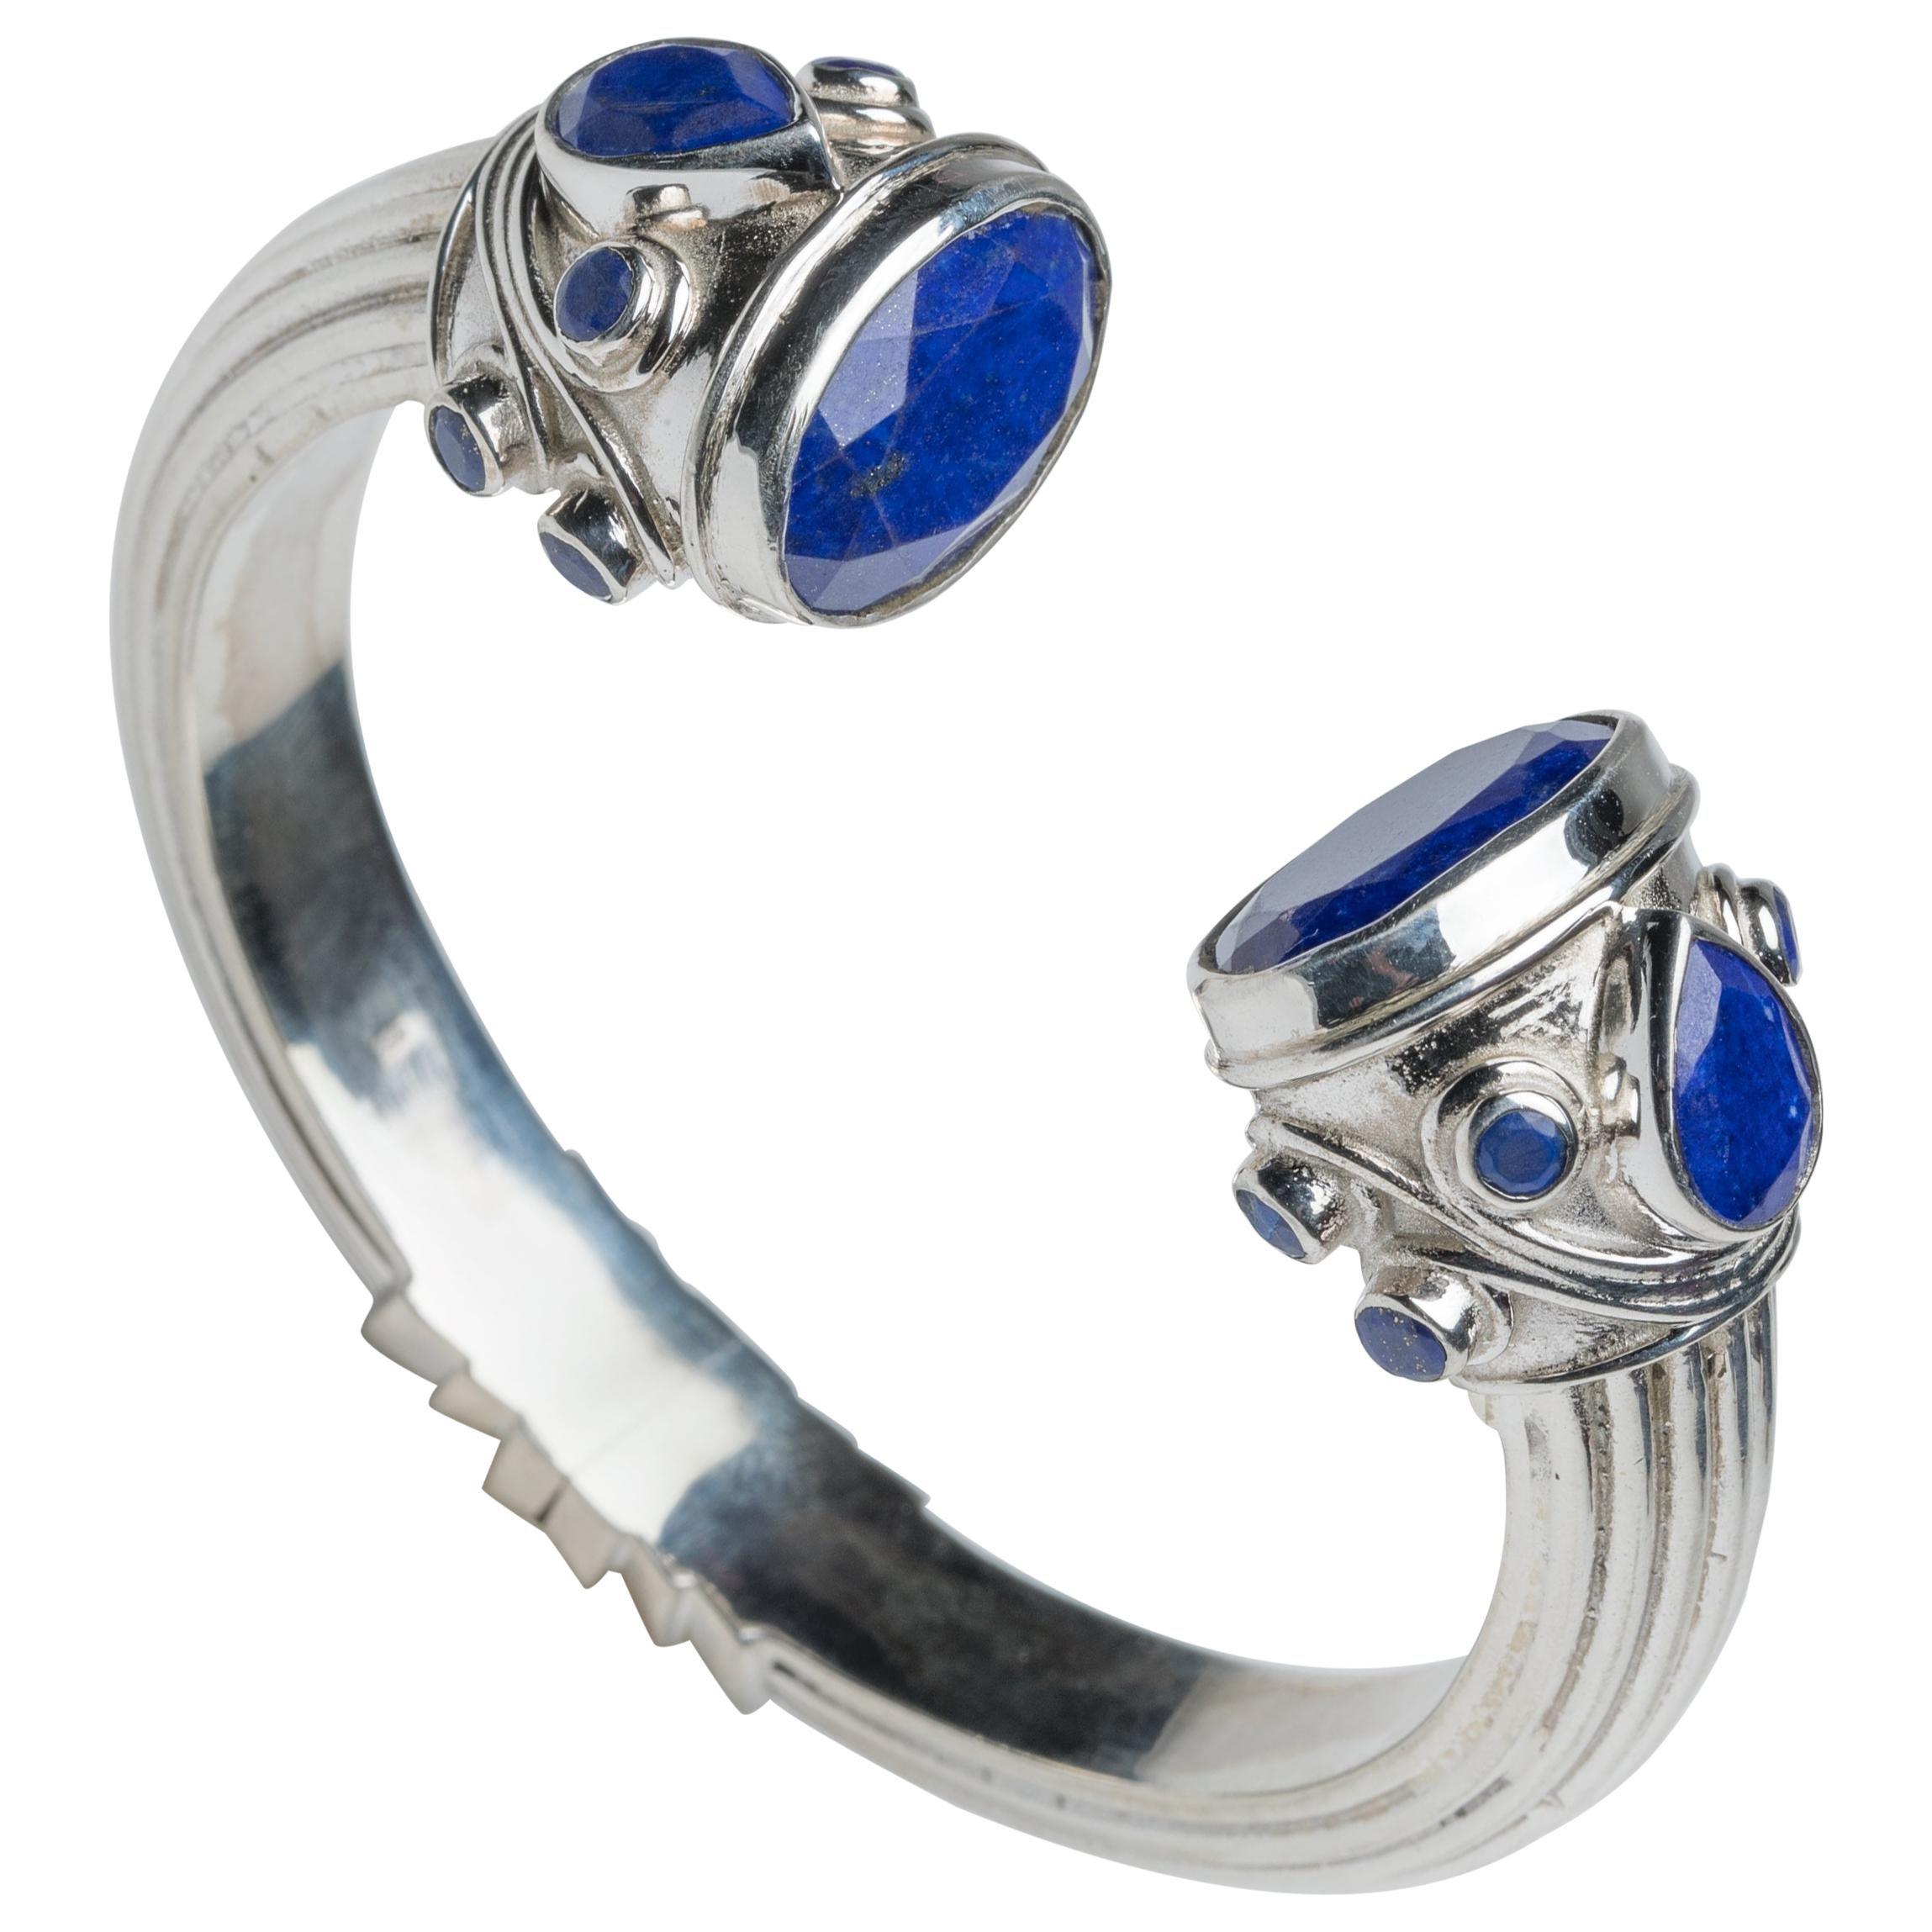 Lapiz Lazuli and Sterling Silver Clamper Cuff Bracelet